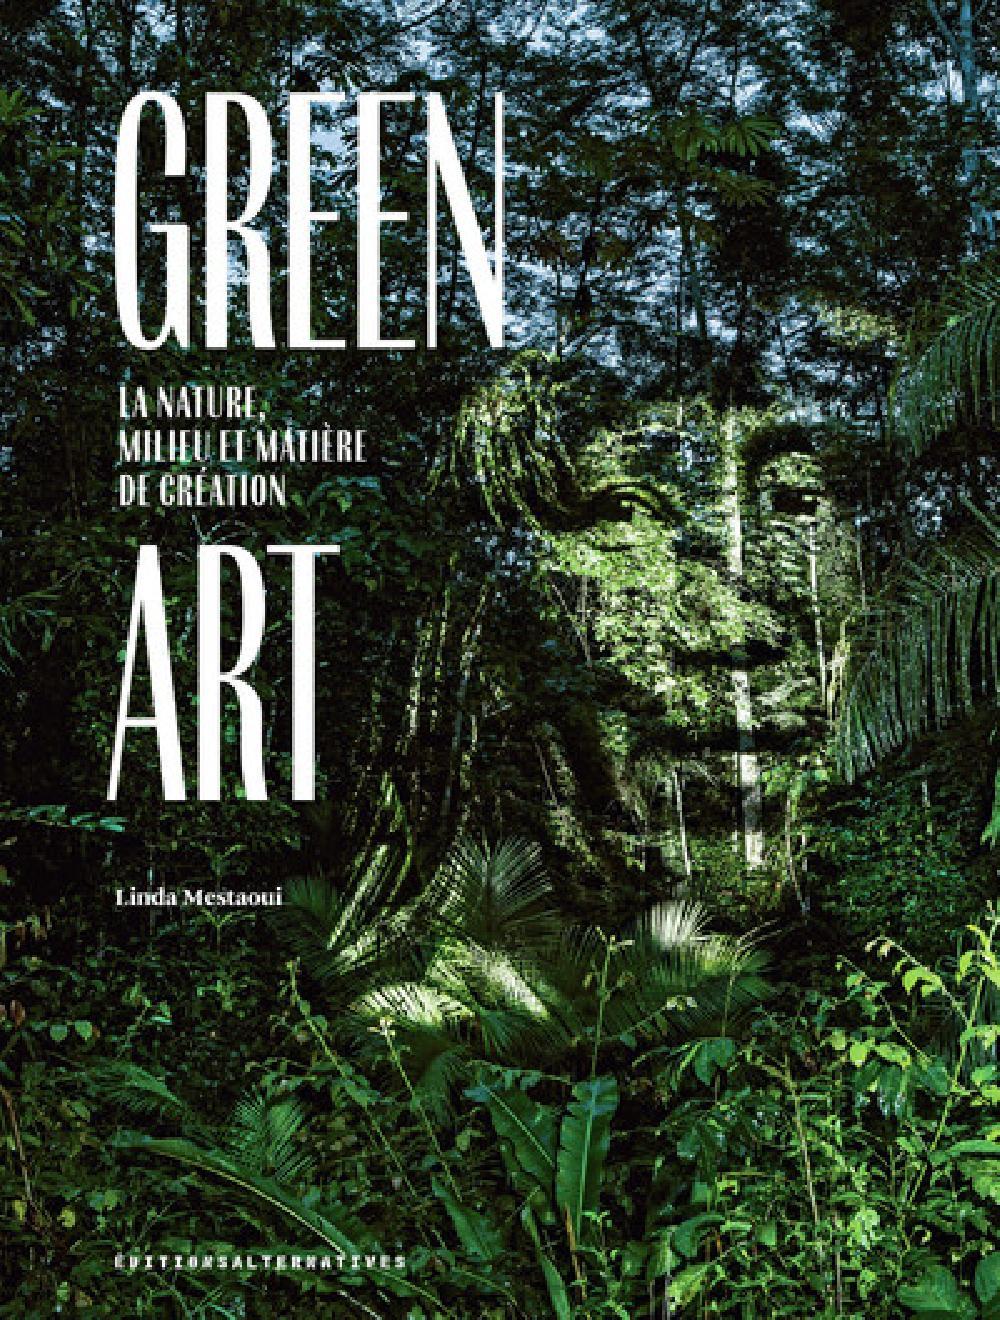 Green Art - La nature, milieu et matière de création